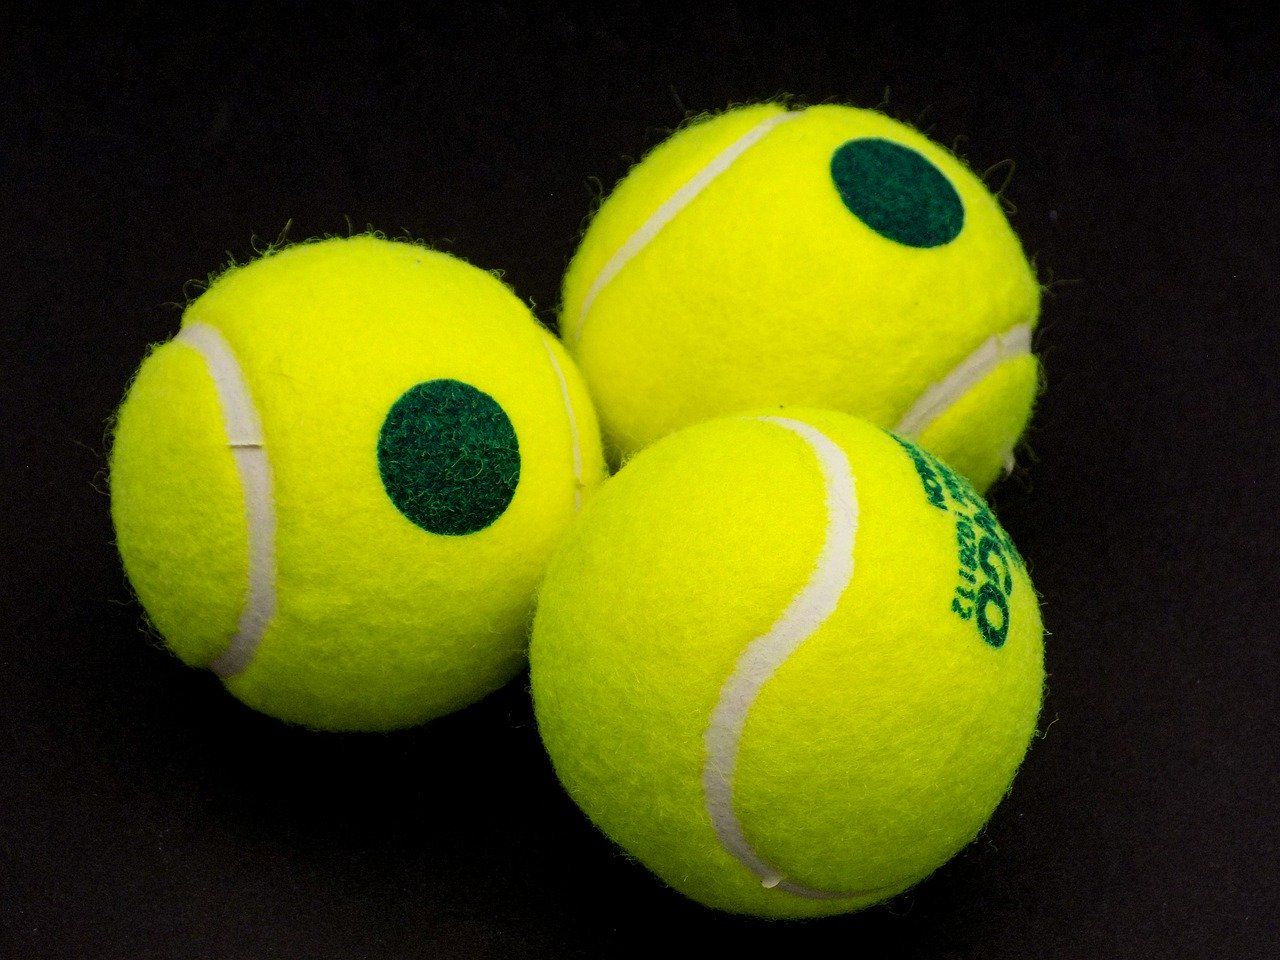 テニスボール グリーンボール ジュニア デコターフ